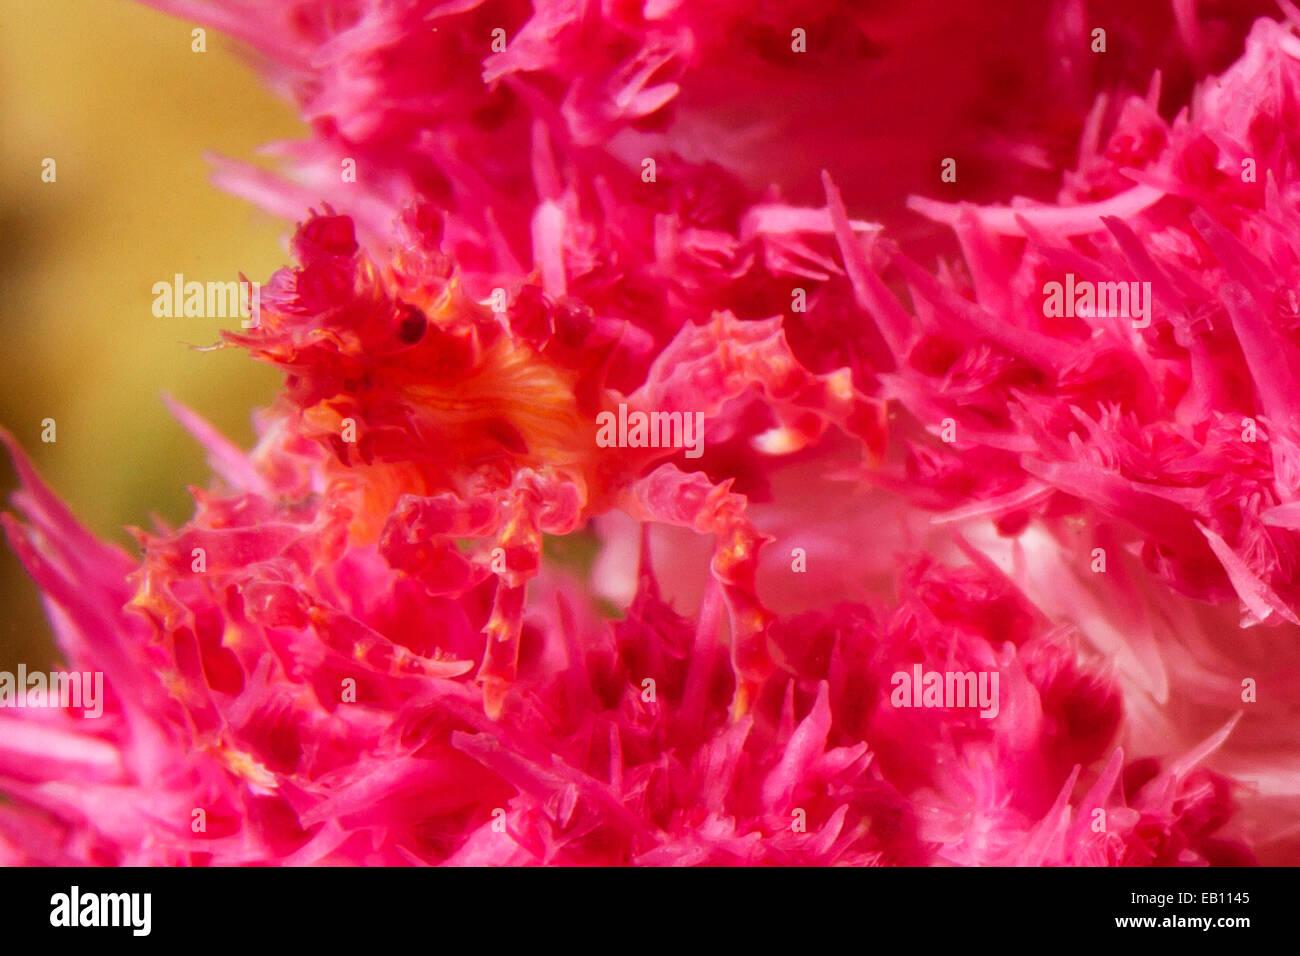 Weiche Korallen Krabbe versteckt in Lembeh Straße Weichkorallen (Hoplophrys Oatesii), Indonesien Stockbild